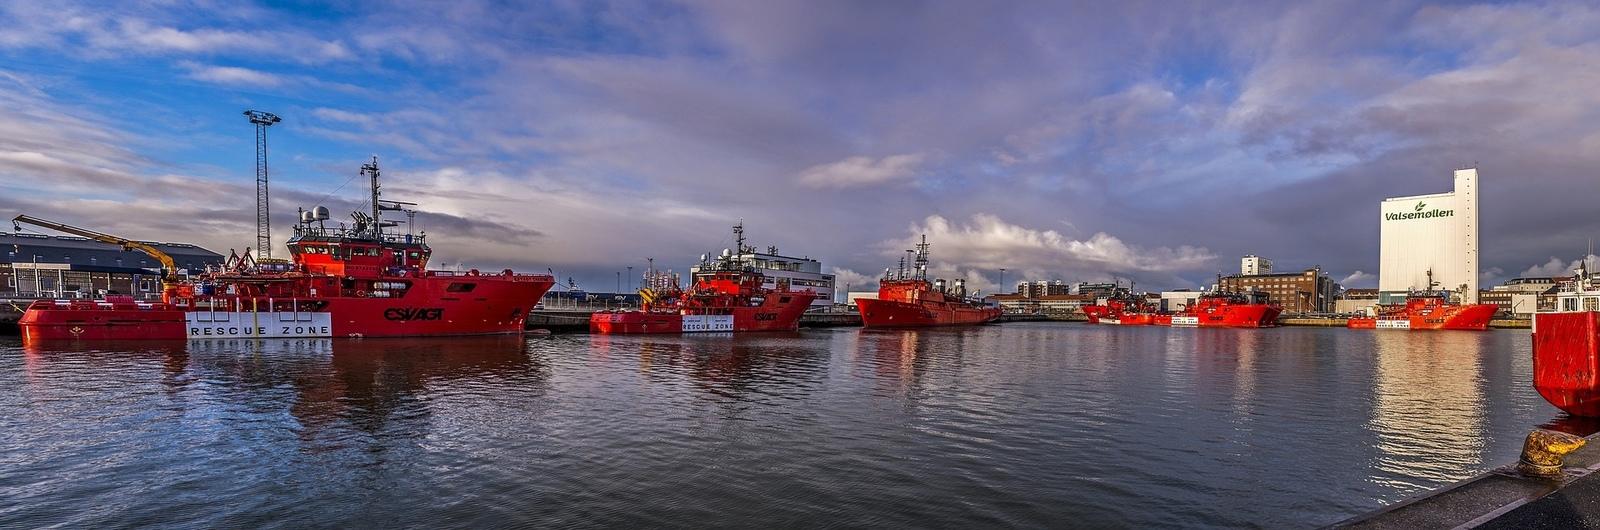 esbjerg city header